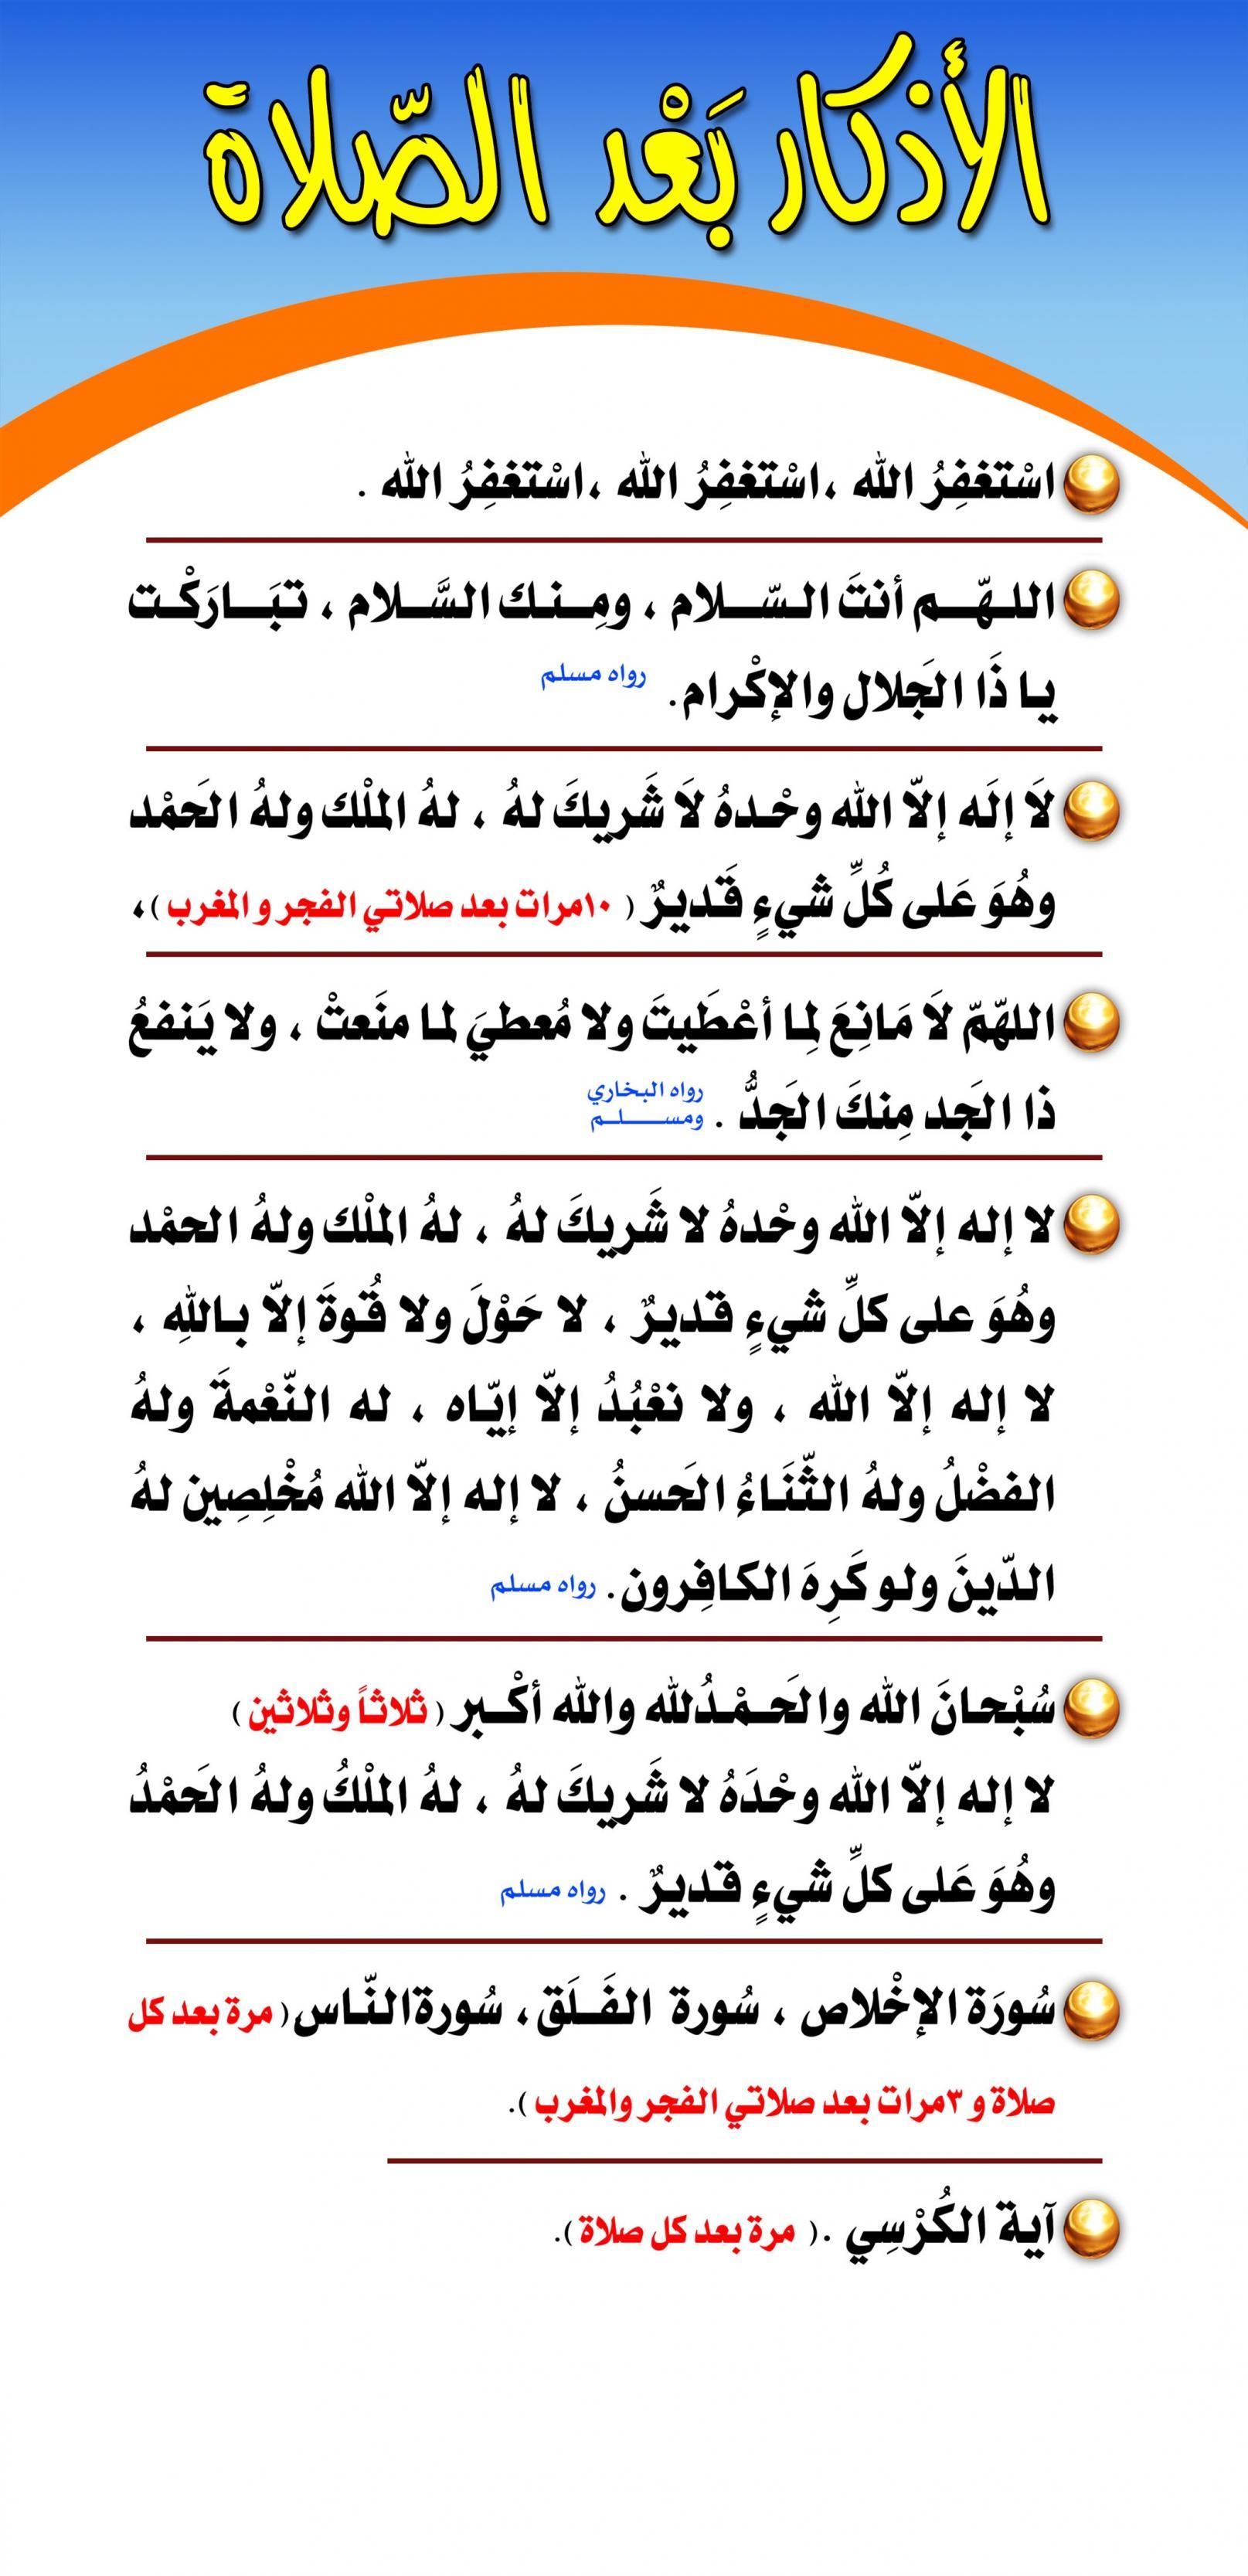 صورة ادعية بعد الصلاة , اجمل اذكار ما بعد الصلاة